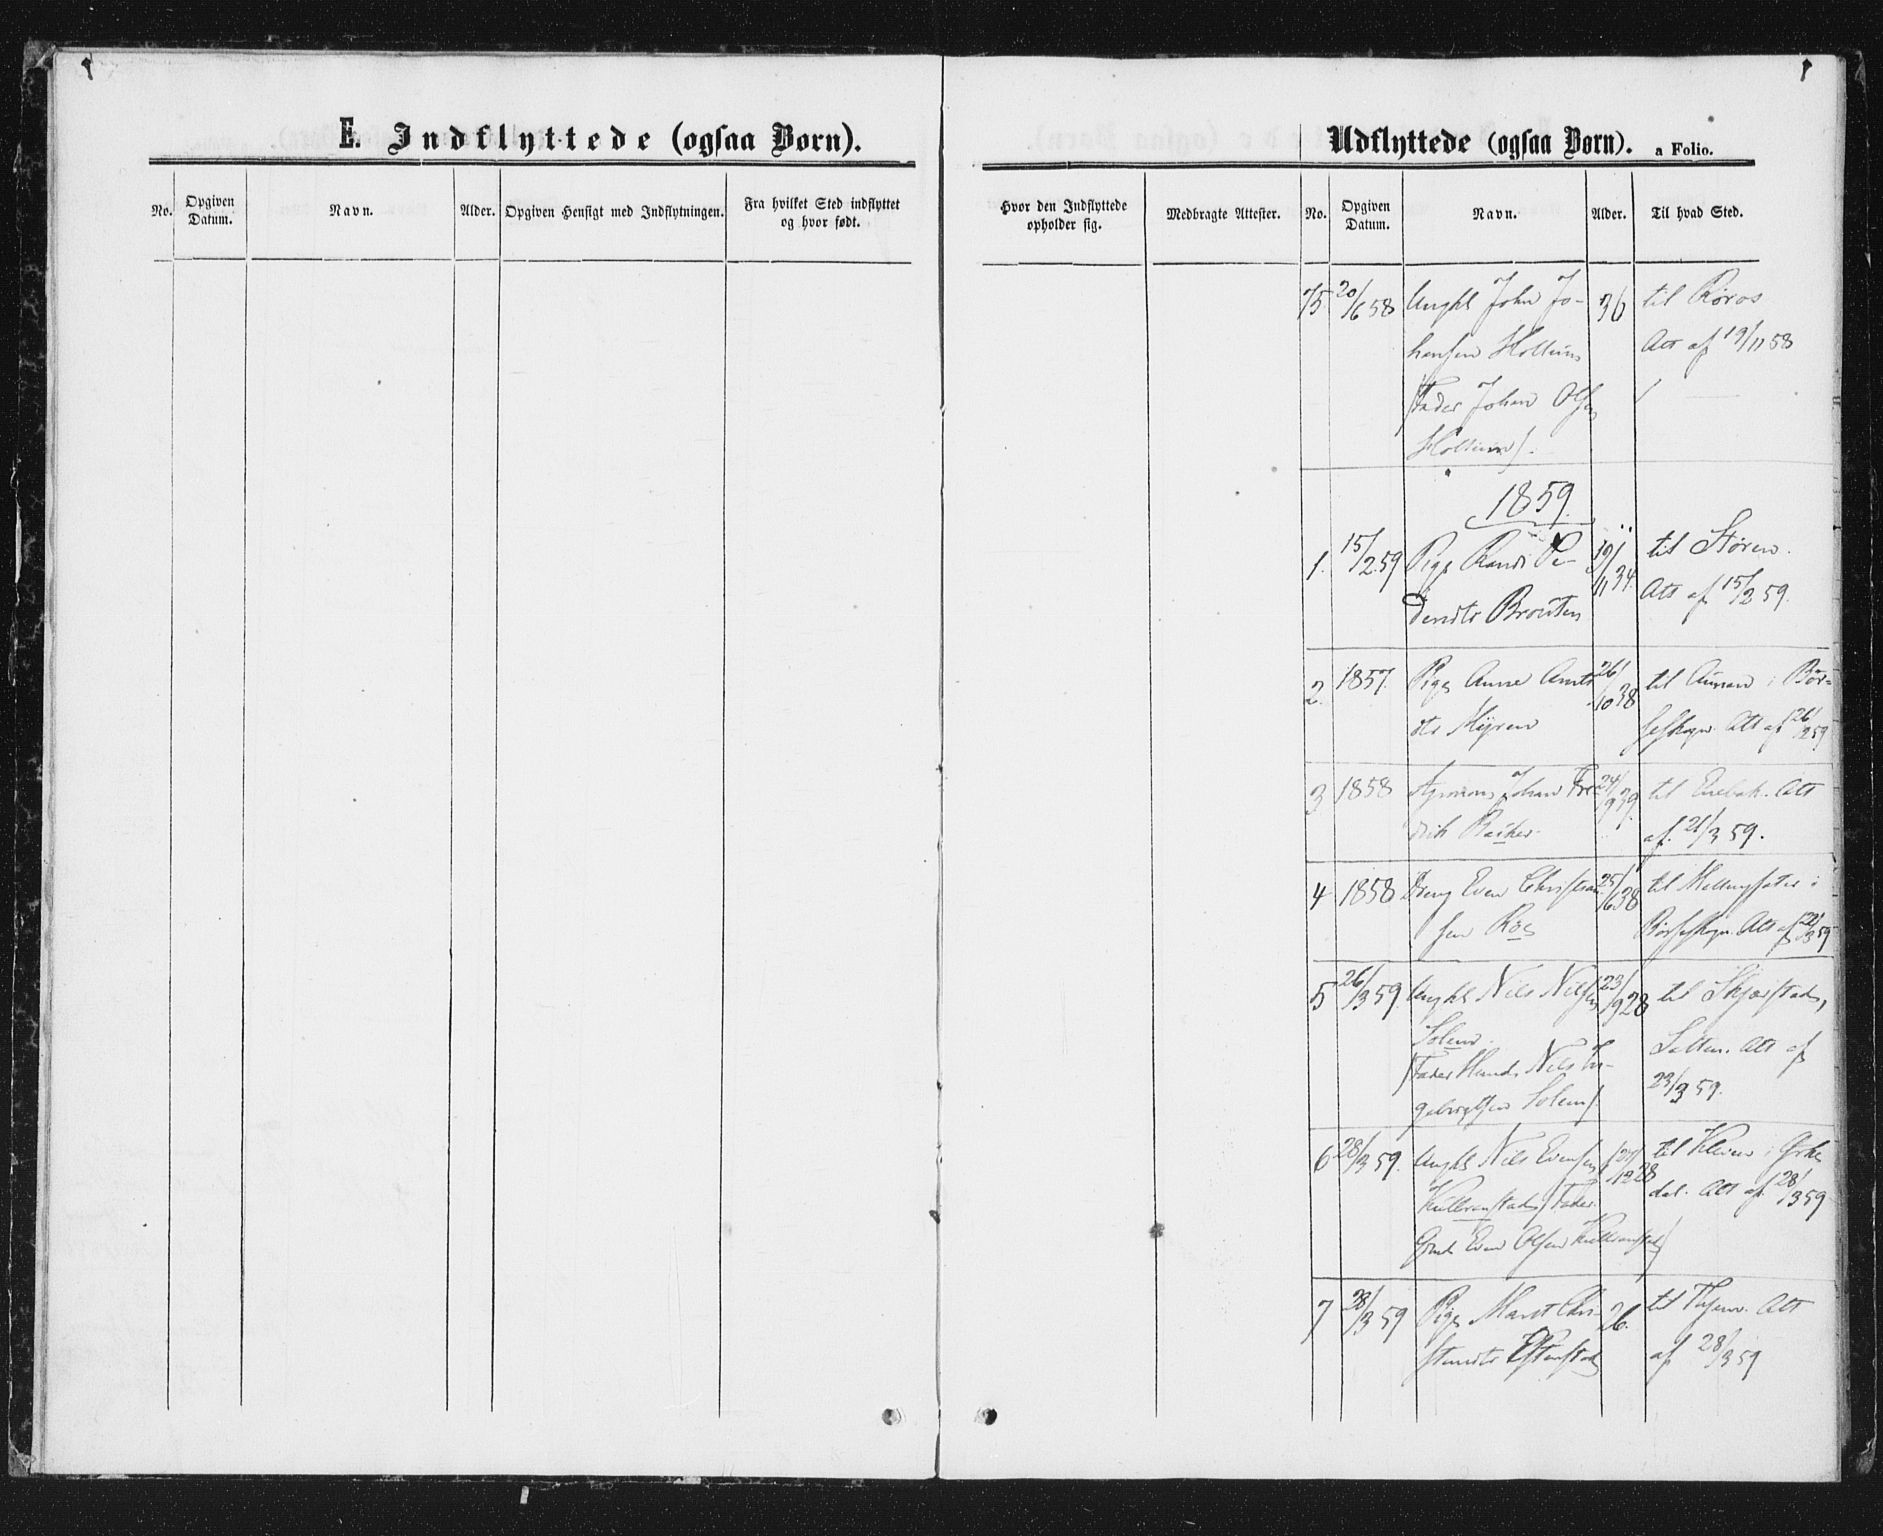 SAT, Ministerialprotokoller, klokkerbøker og fødselsregistre - Sør-Trøndelag, 691/L1078: Ministerialbok nr. 691A10, 1858-1861, s. 4